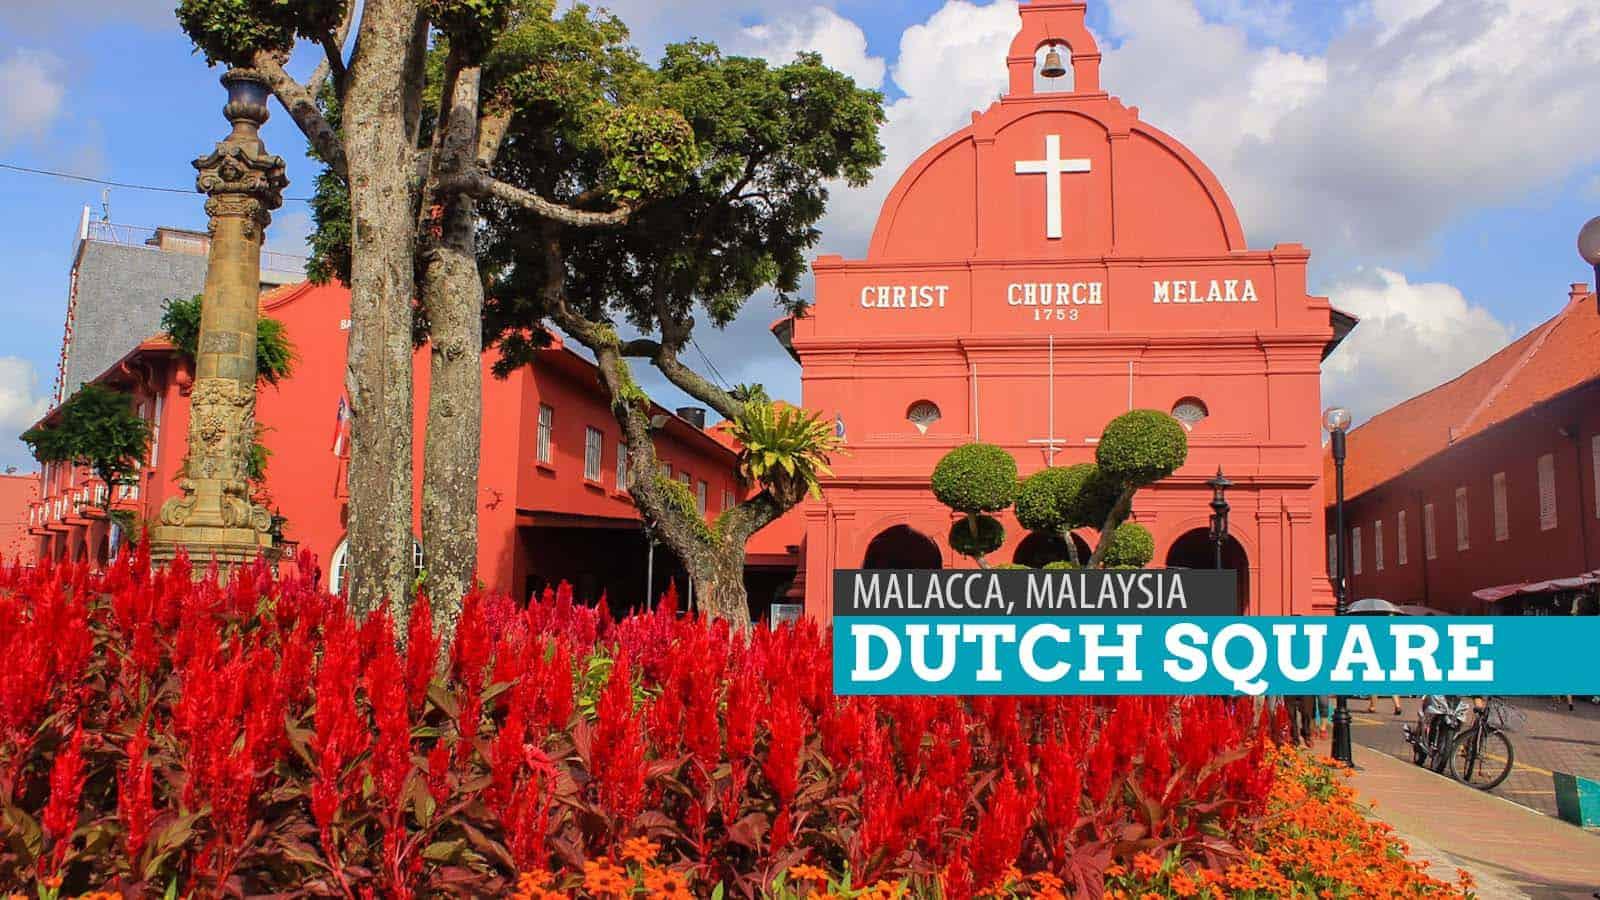 马六甲的荷兰广场,马来西亚 | 穷游者的行程安排博客